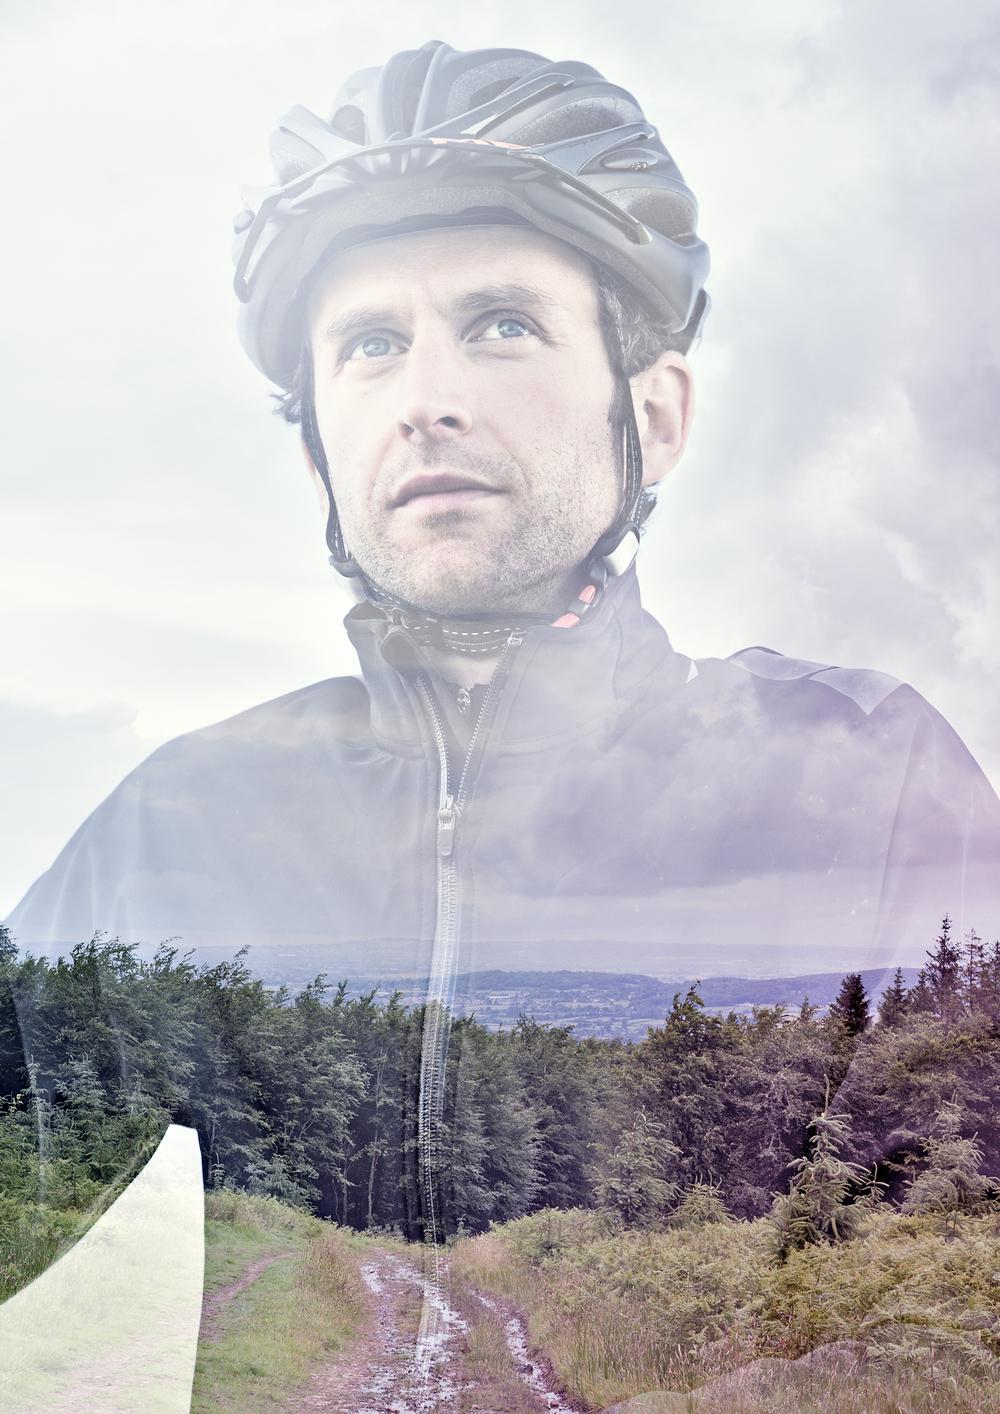 cycleshow 2012 oli comp v1.jpg